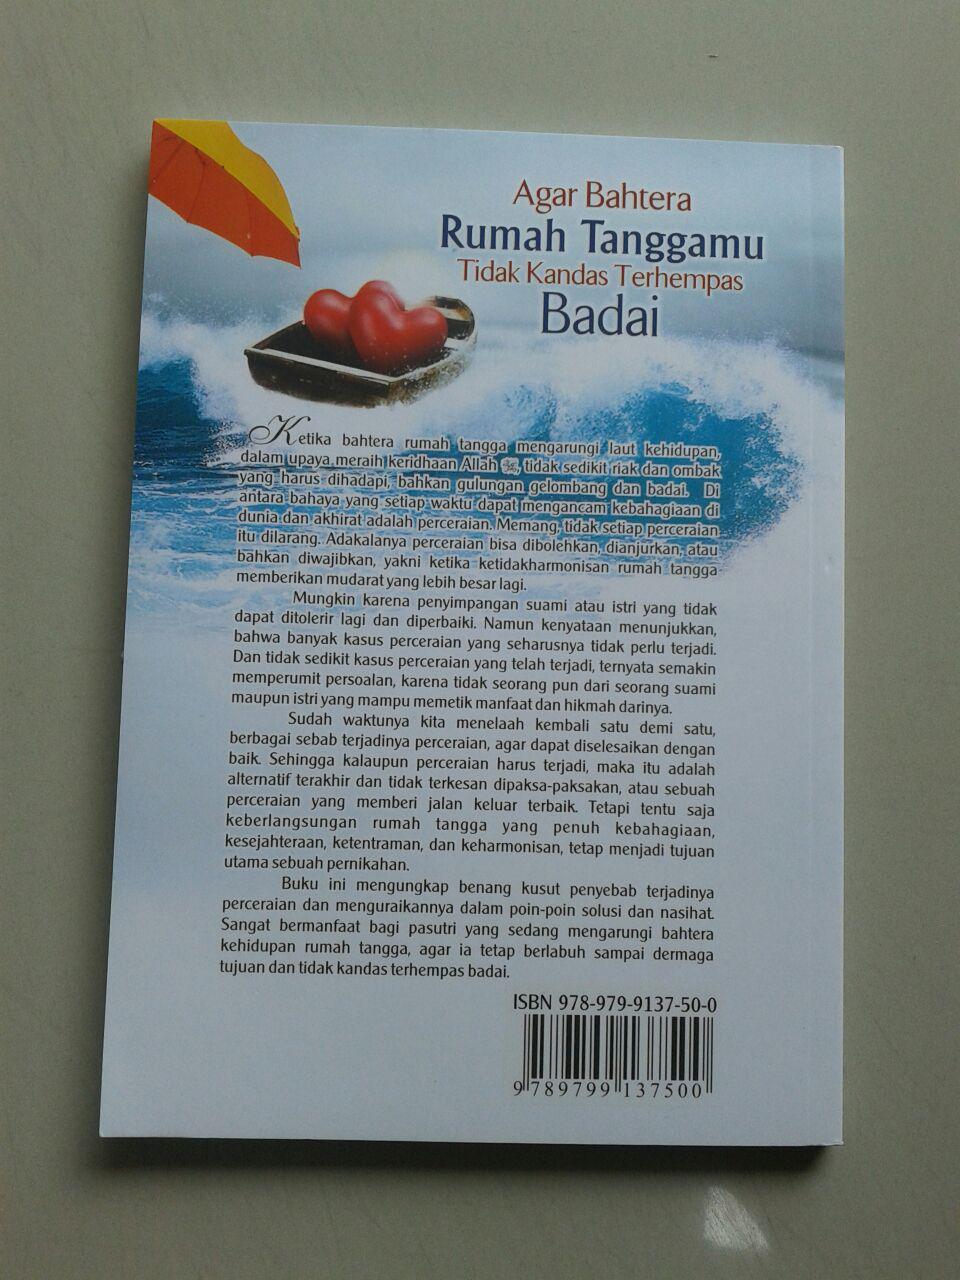 Buku Agar Bahtera Rumah Tanggamu Tidak Kandas Terhempas Badai cover